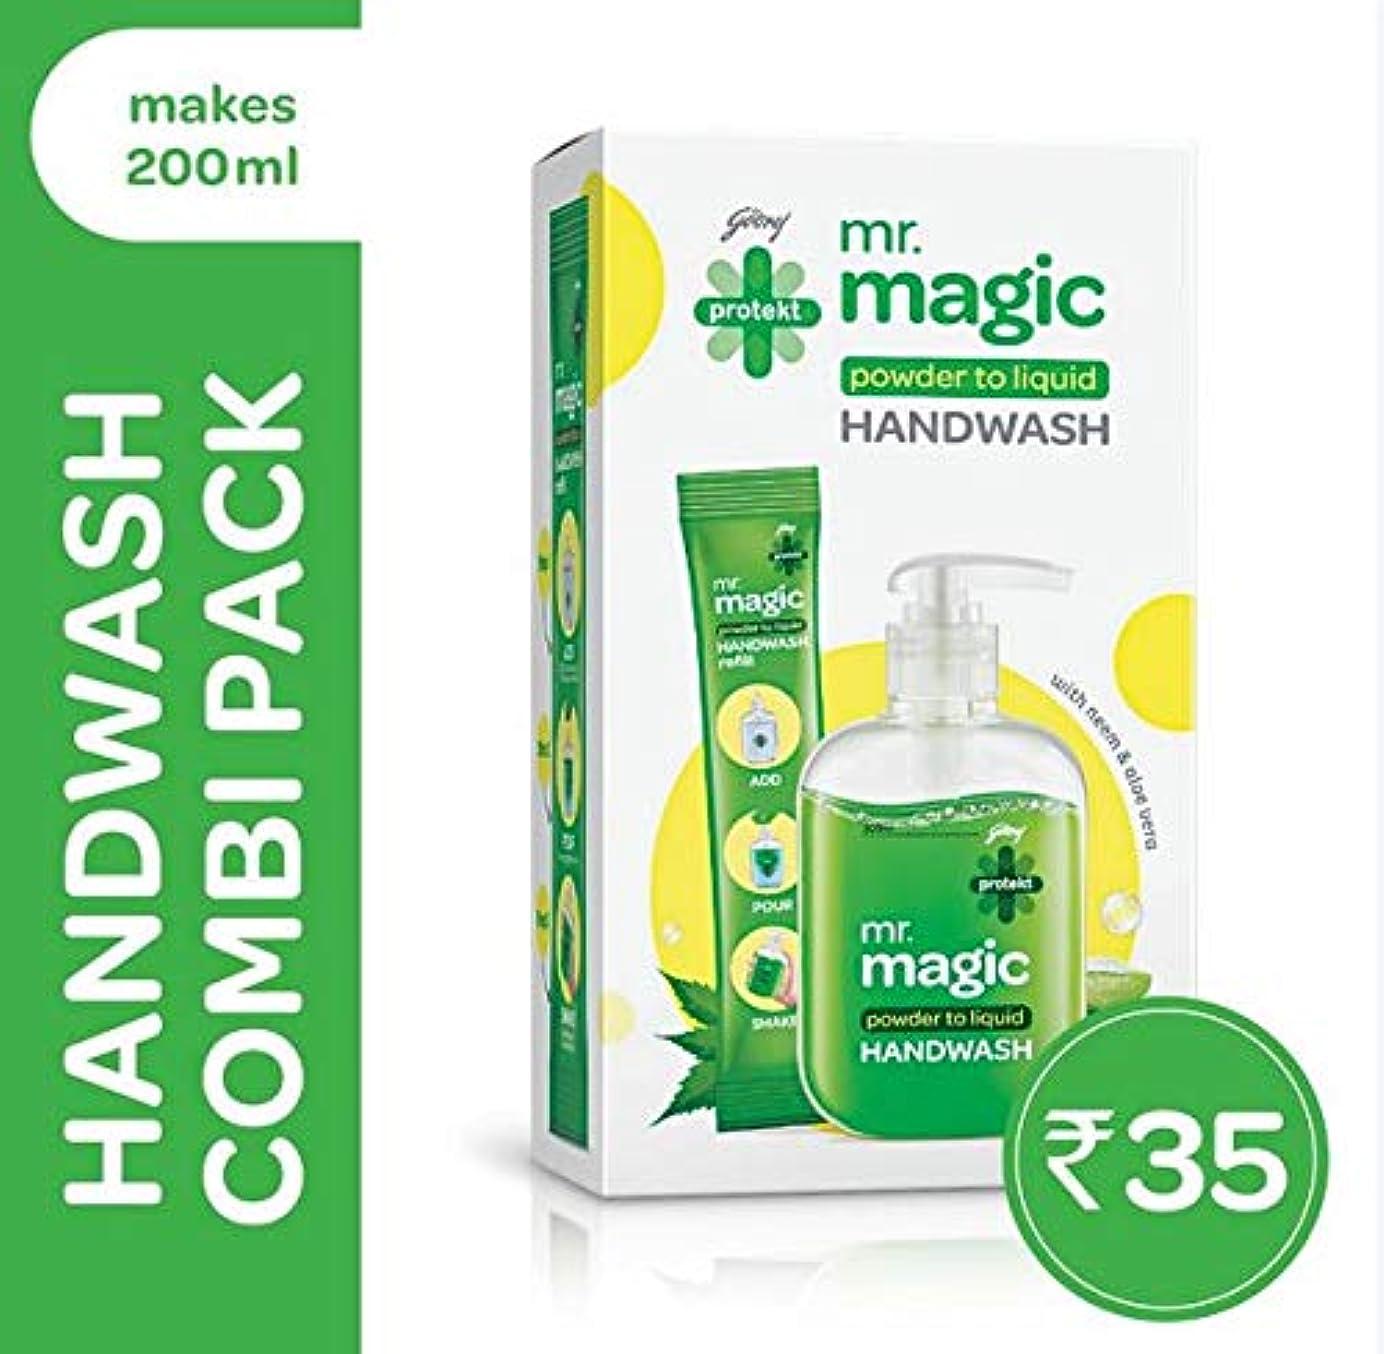 に渡って薄汚い橋Godrej Protekt Mr. Magic Handwash 9g (Pack of 2)